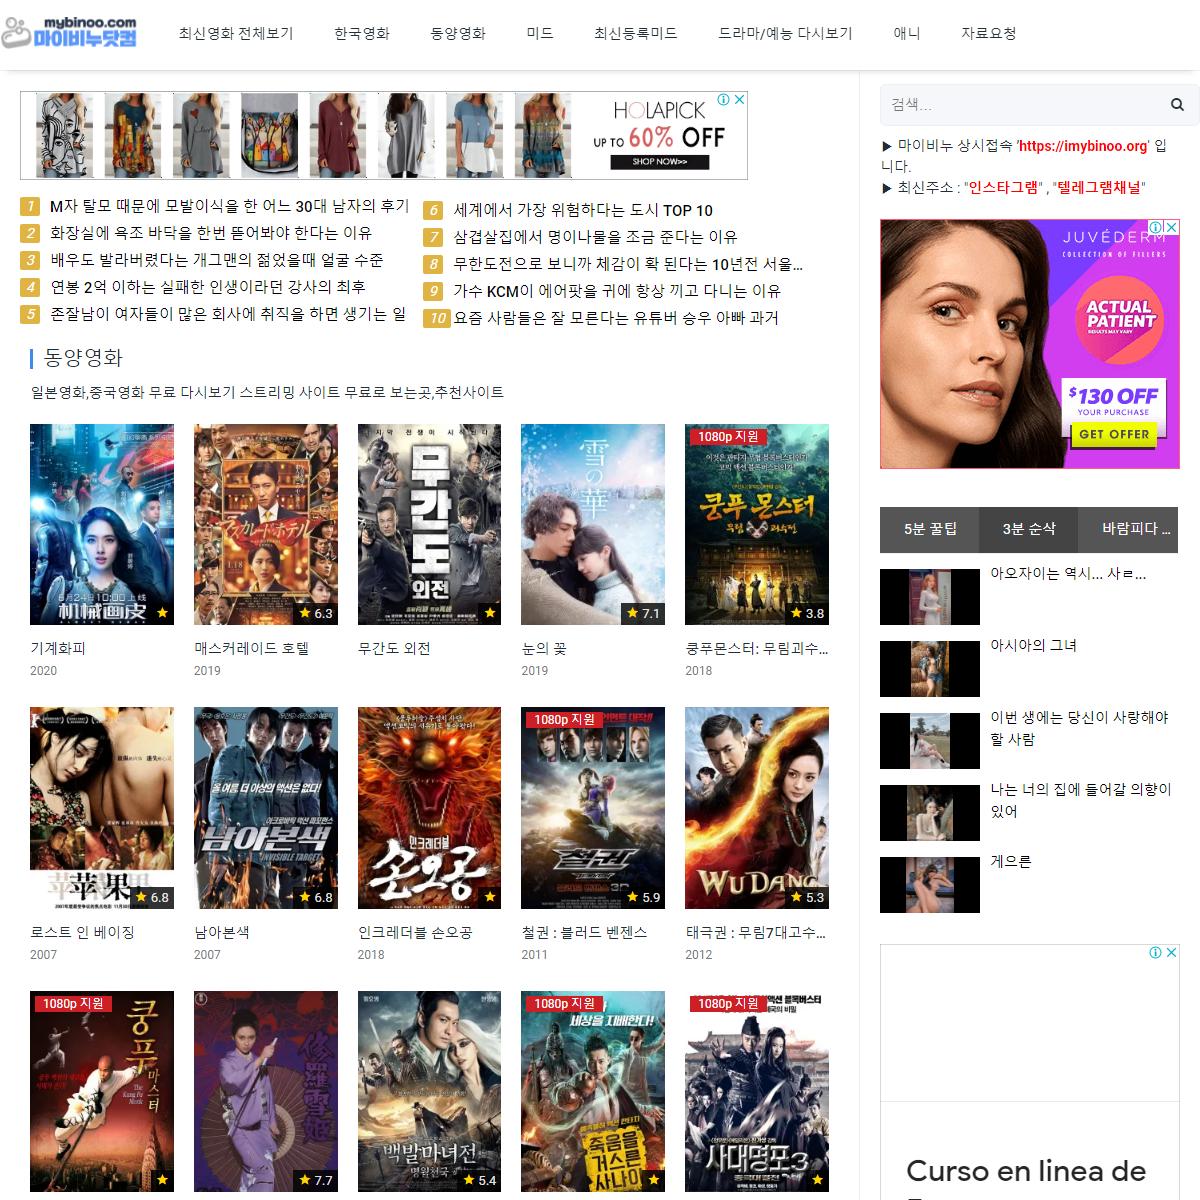 일본영화,중국영화 무료 다시보기 - 마이비누닷컴---mybinoo.com